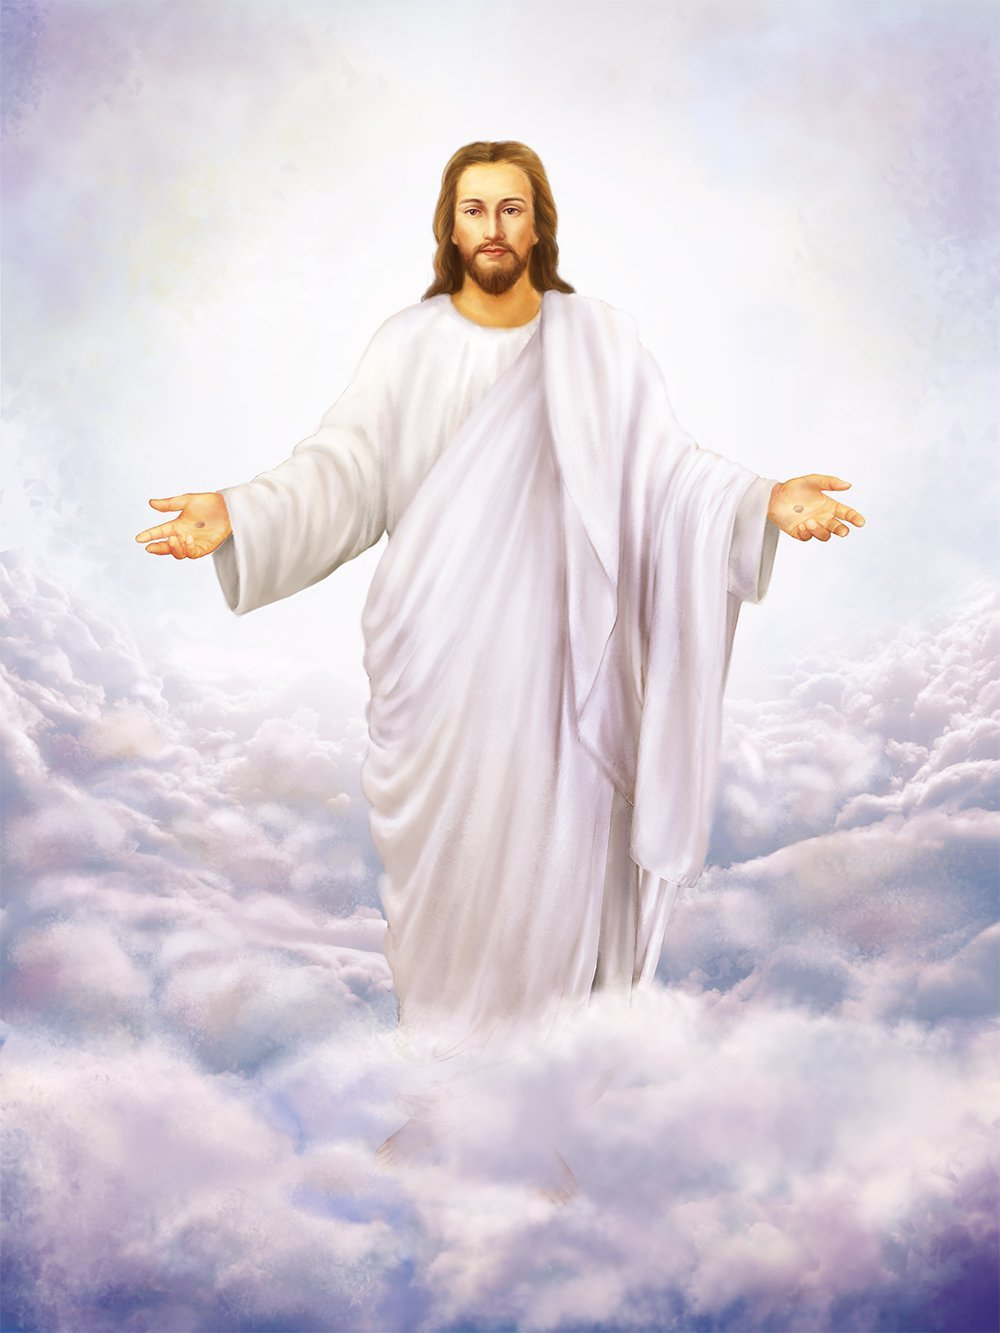 Картинки иисуса с надписью, картинки открытки